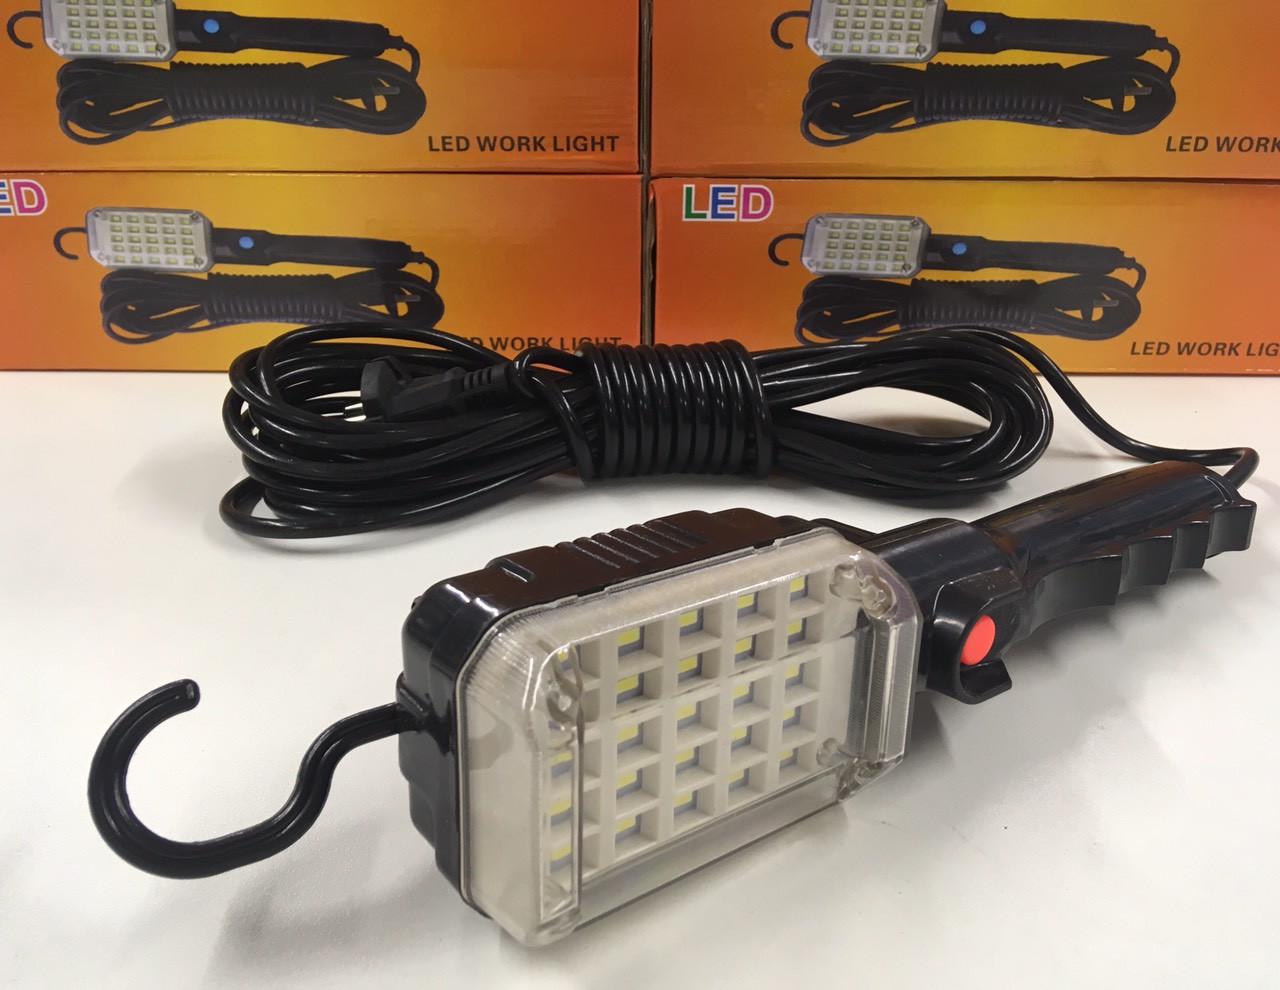 Автомобильная лампа WD-041B/4125  WORKING LIGHT 10M/ 25LED/ 220V (40 шт)